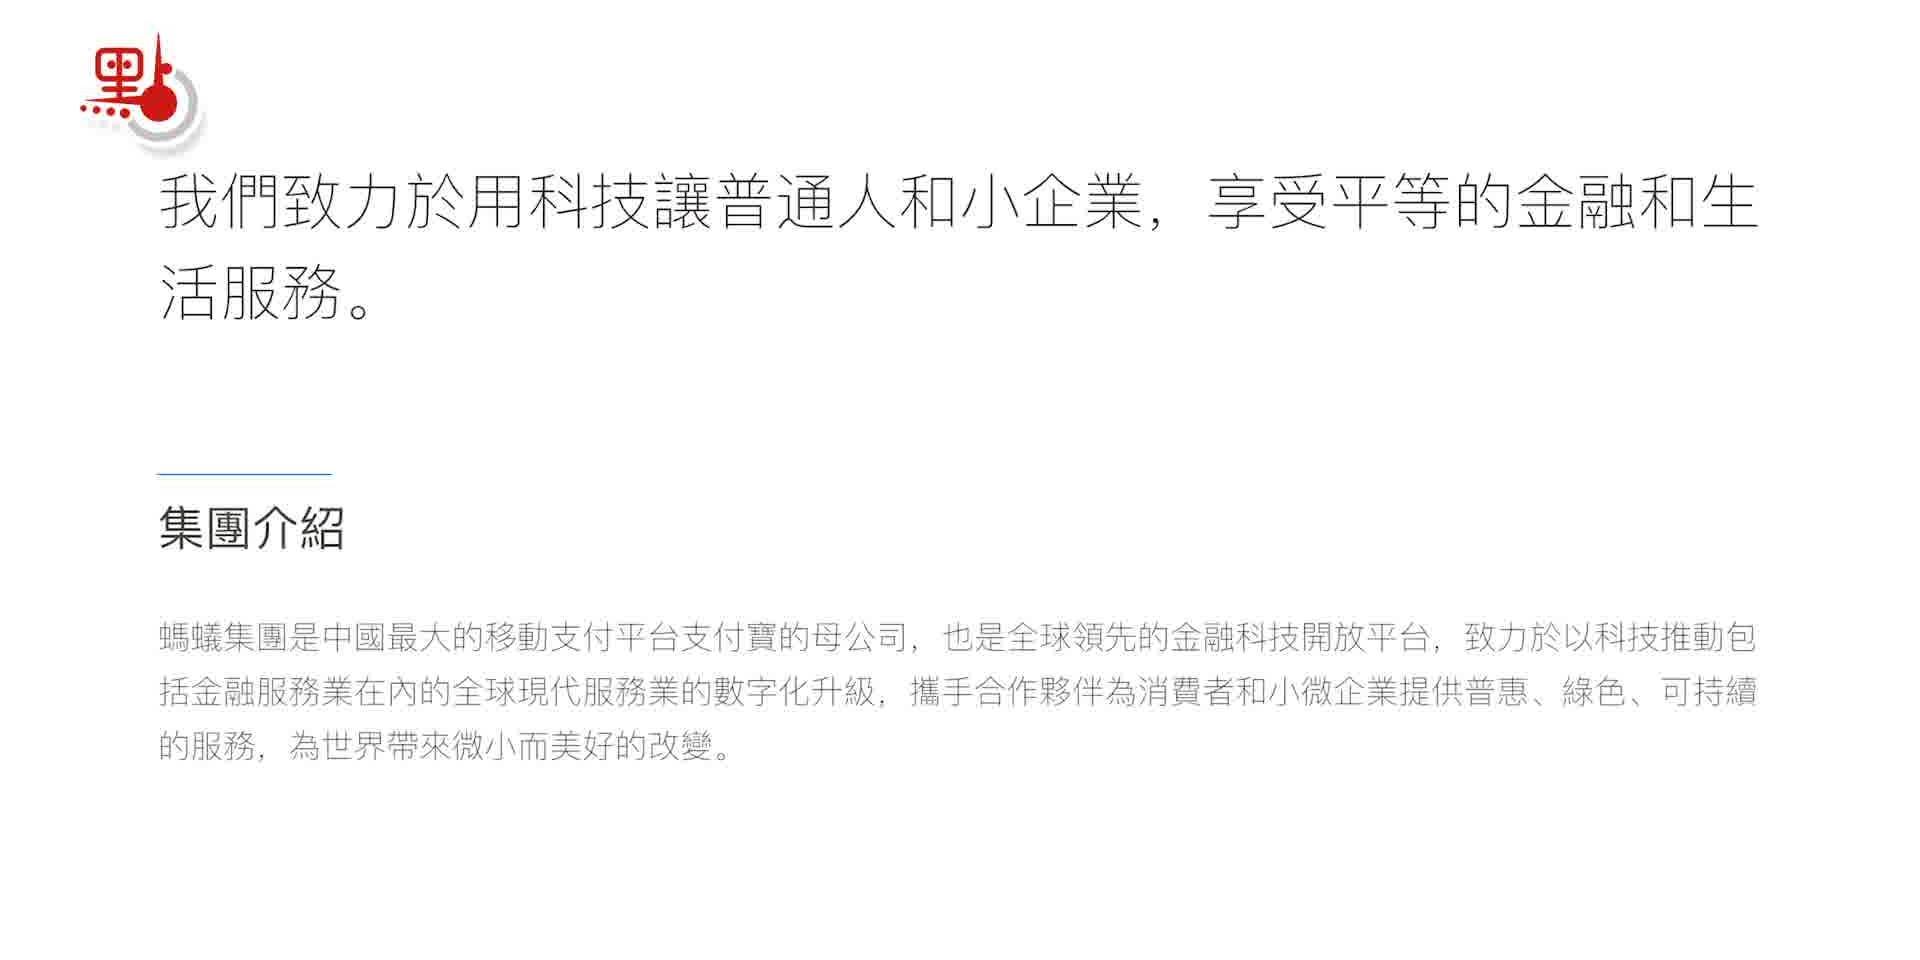 大市點睇|螞蟻集團今招股下月5日上市 分析料H股潛在升幅20%